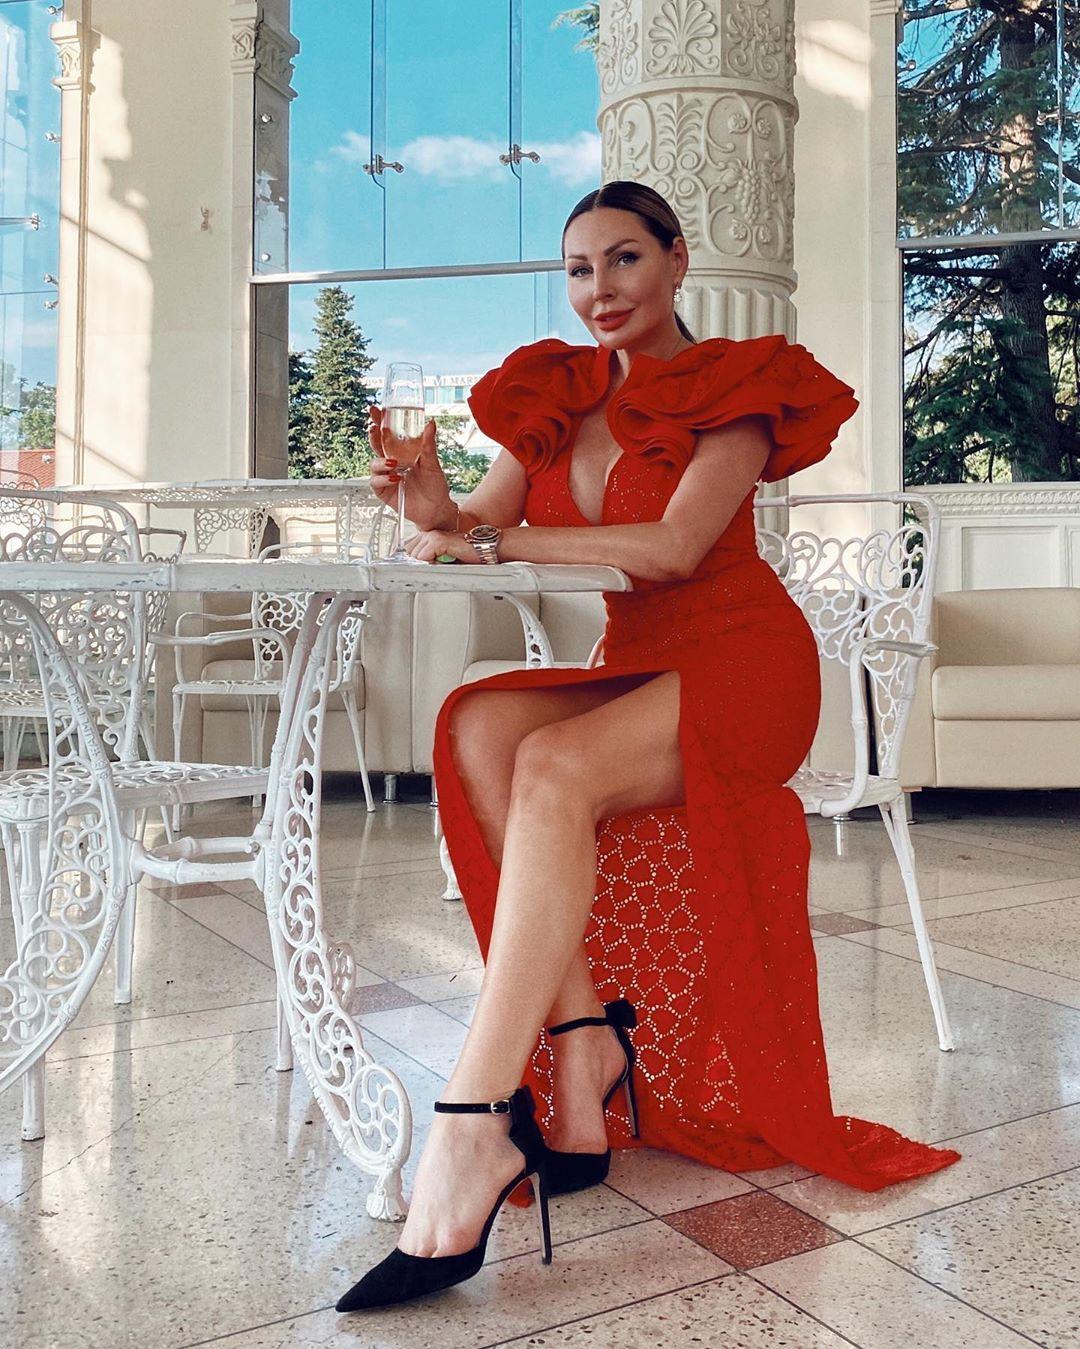 Наталья Бочкарева не забывает про спорт и выглядит отлично